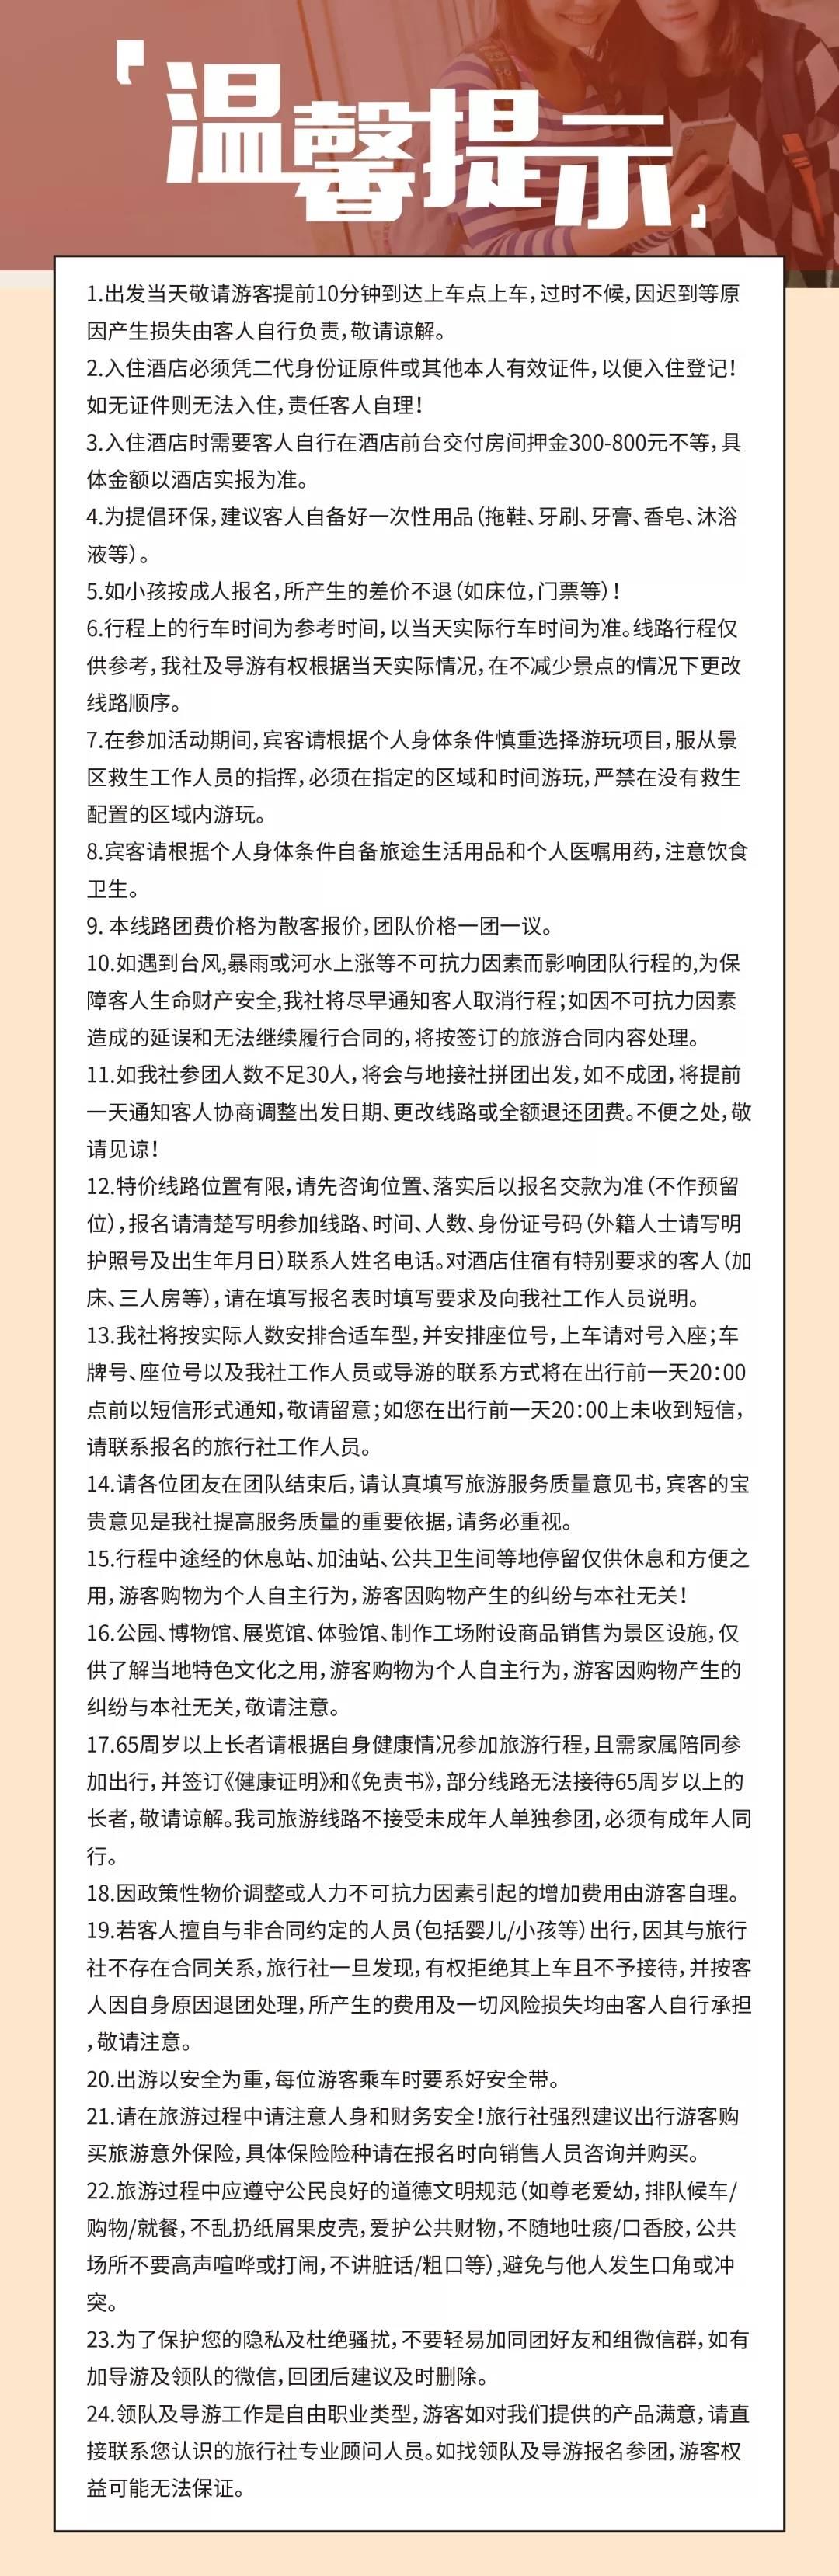 【10月天天出发 一人成团】 仅需319元/人 广州-龙门温泉直通车2天游(入住龙门云顶温泉酒店)